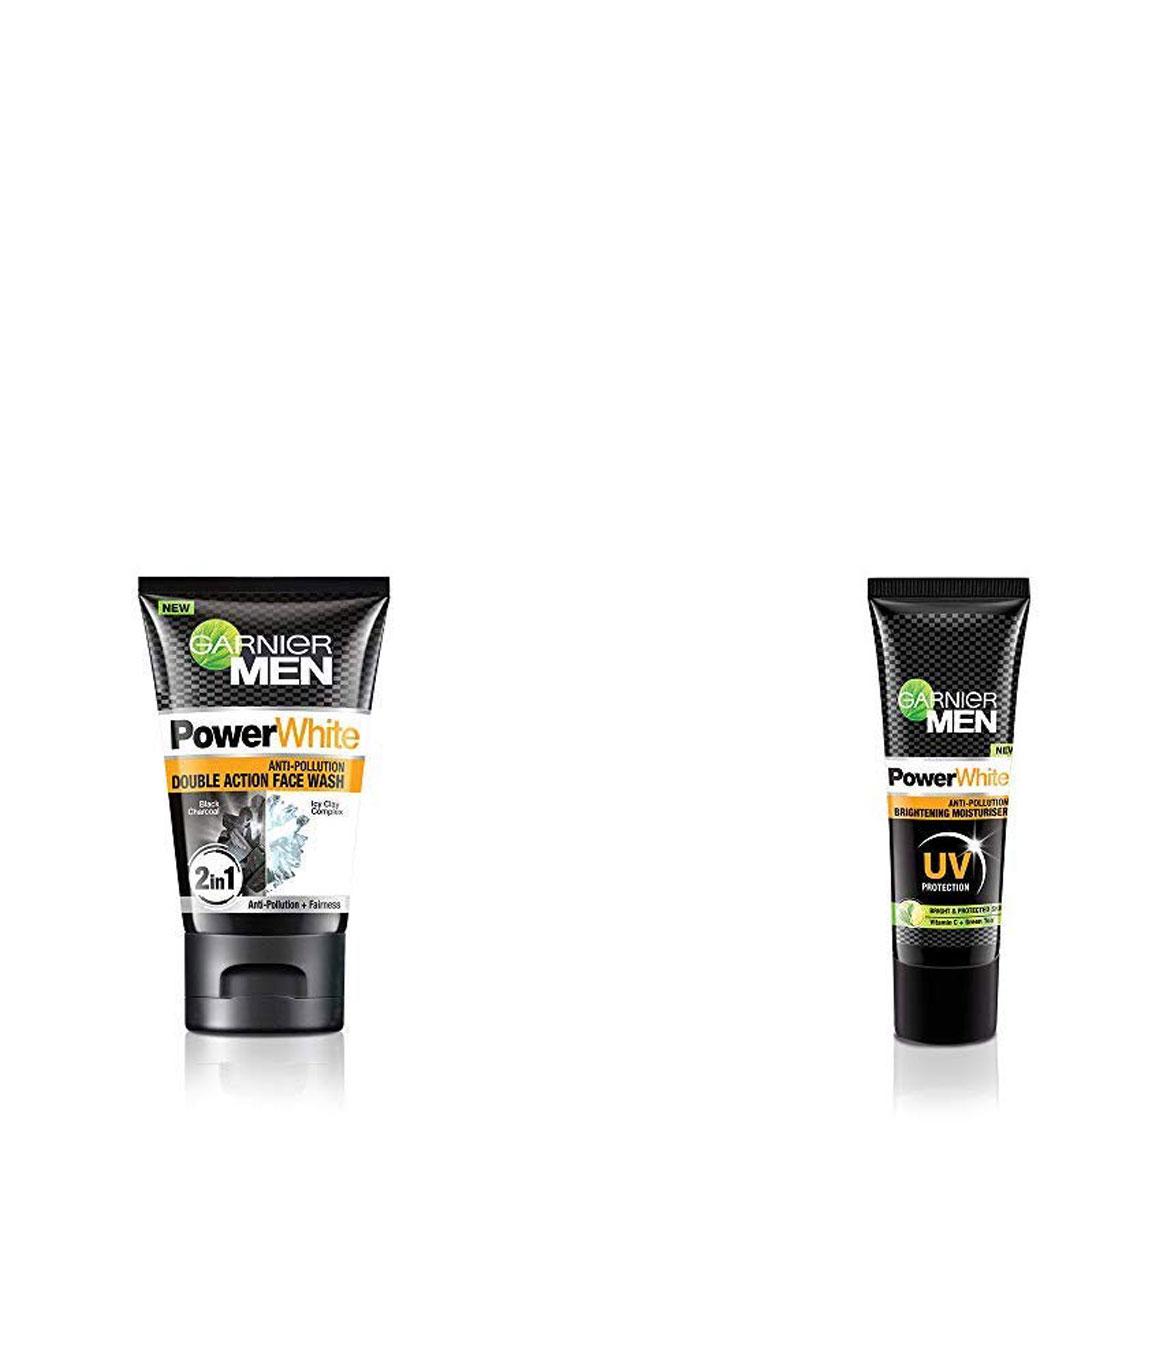 Garnier Men Power White Anti-Pollution Double Action Facewash, 100gm & Garnier Men PowerWhite Anti-Pollution Brightening Moisturiser,20g